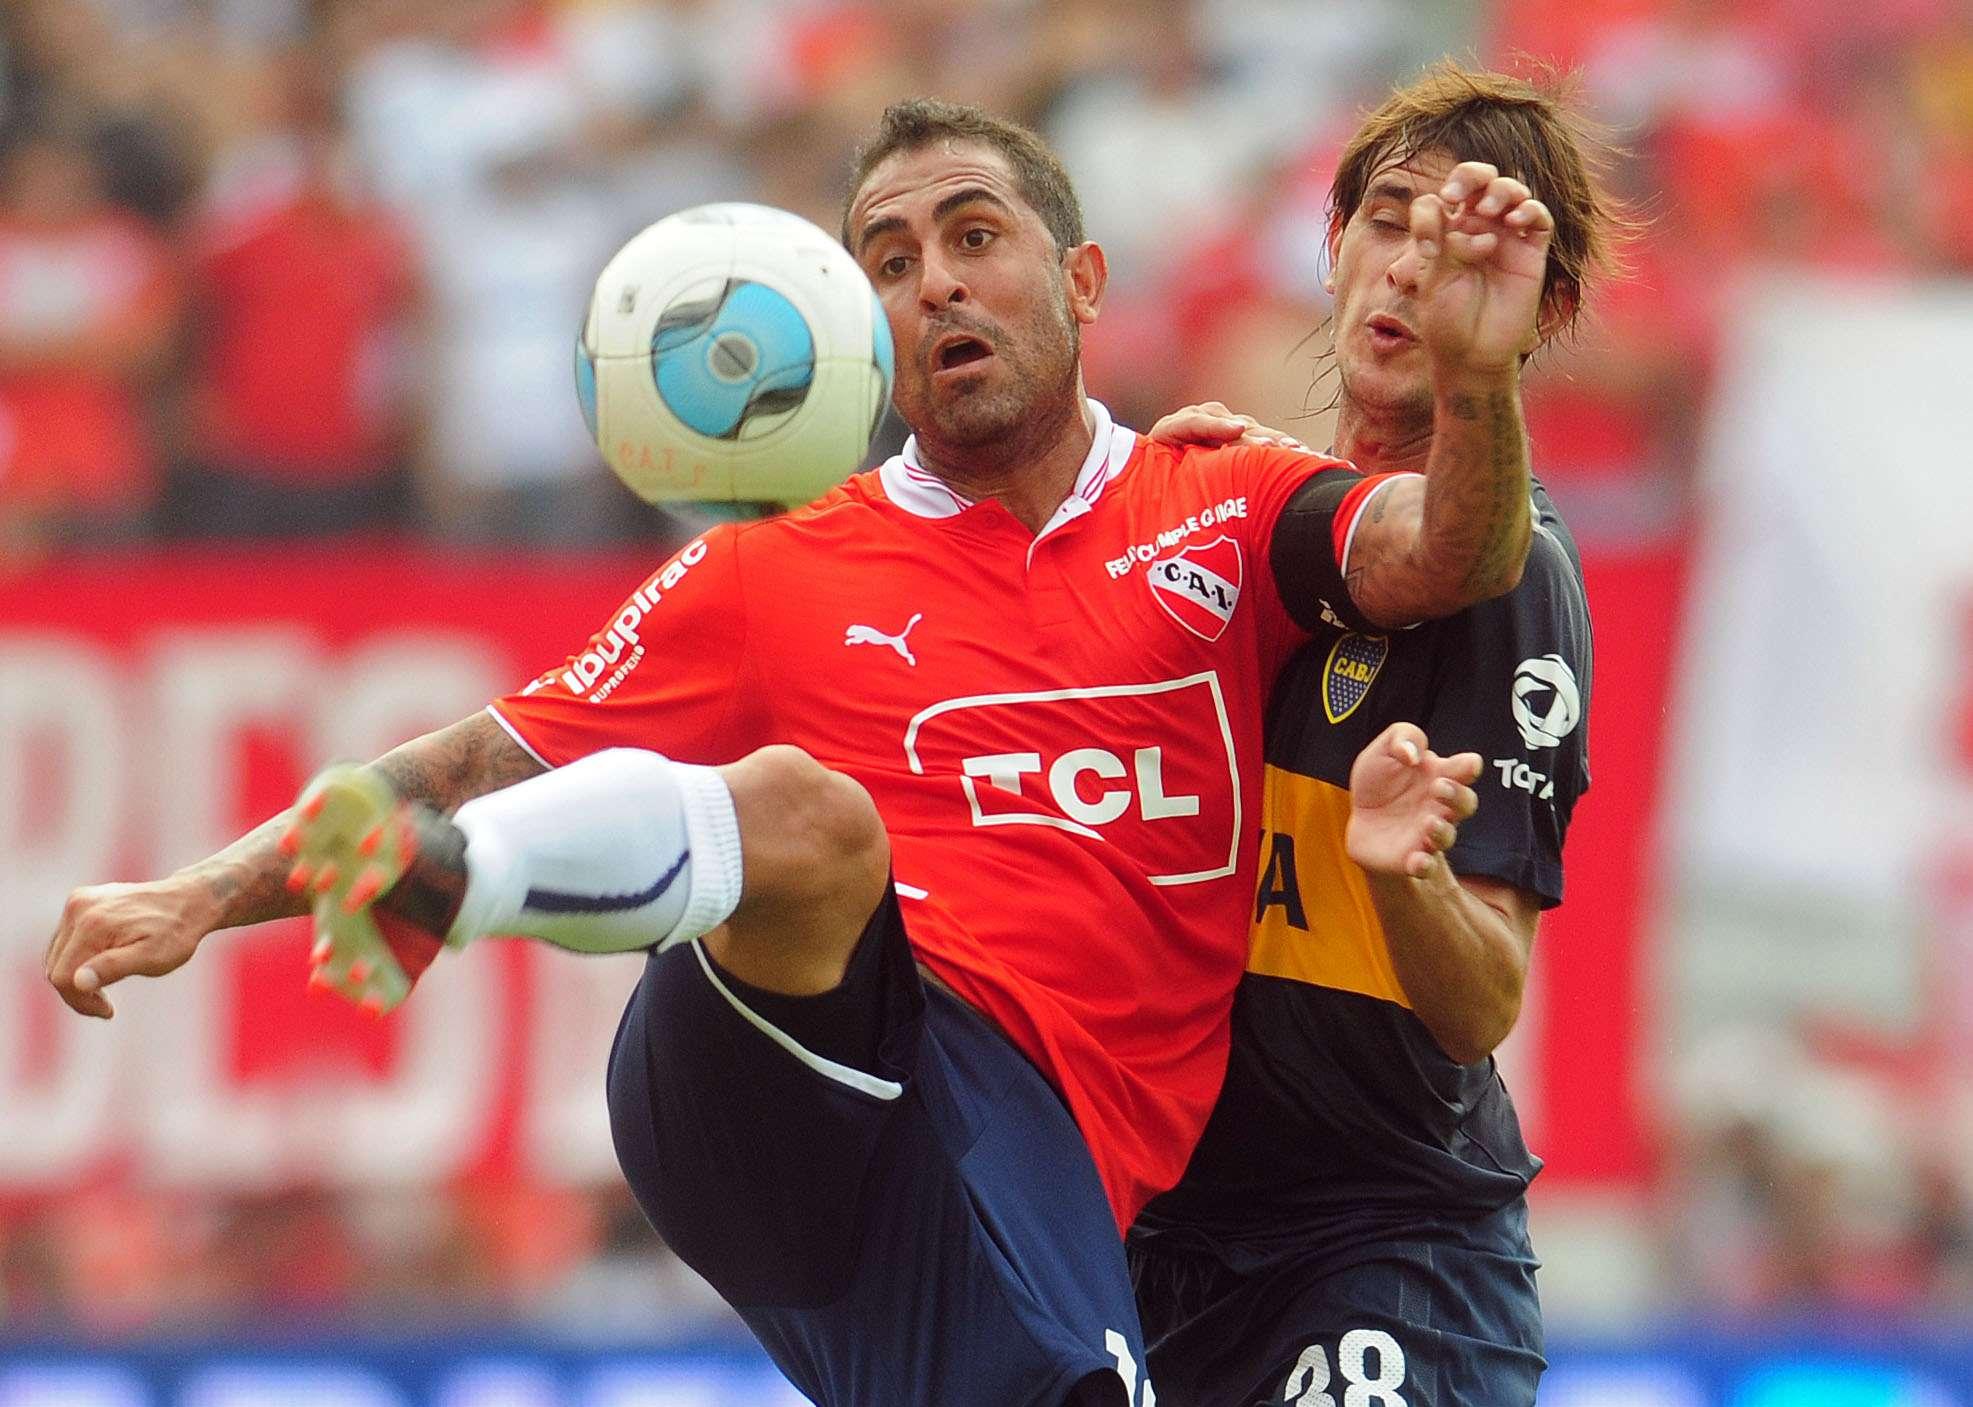 Boca recibe a Independiente pensando en River Foto: NA